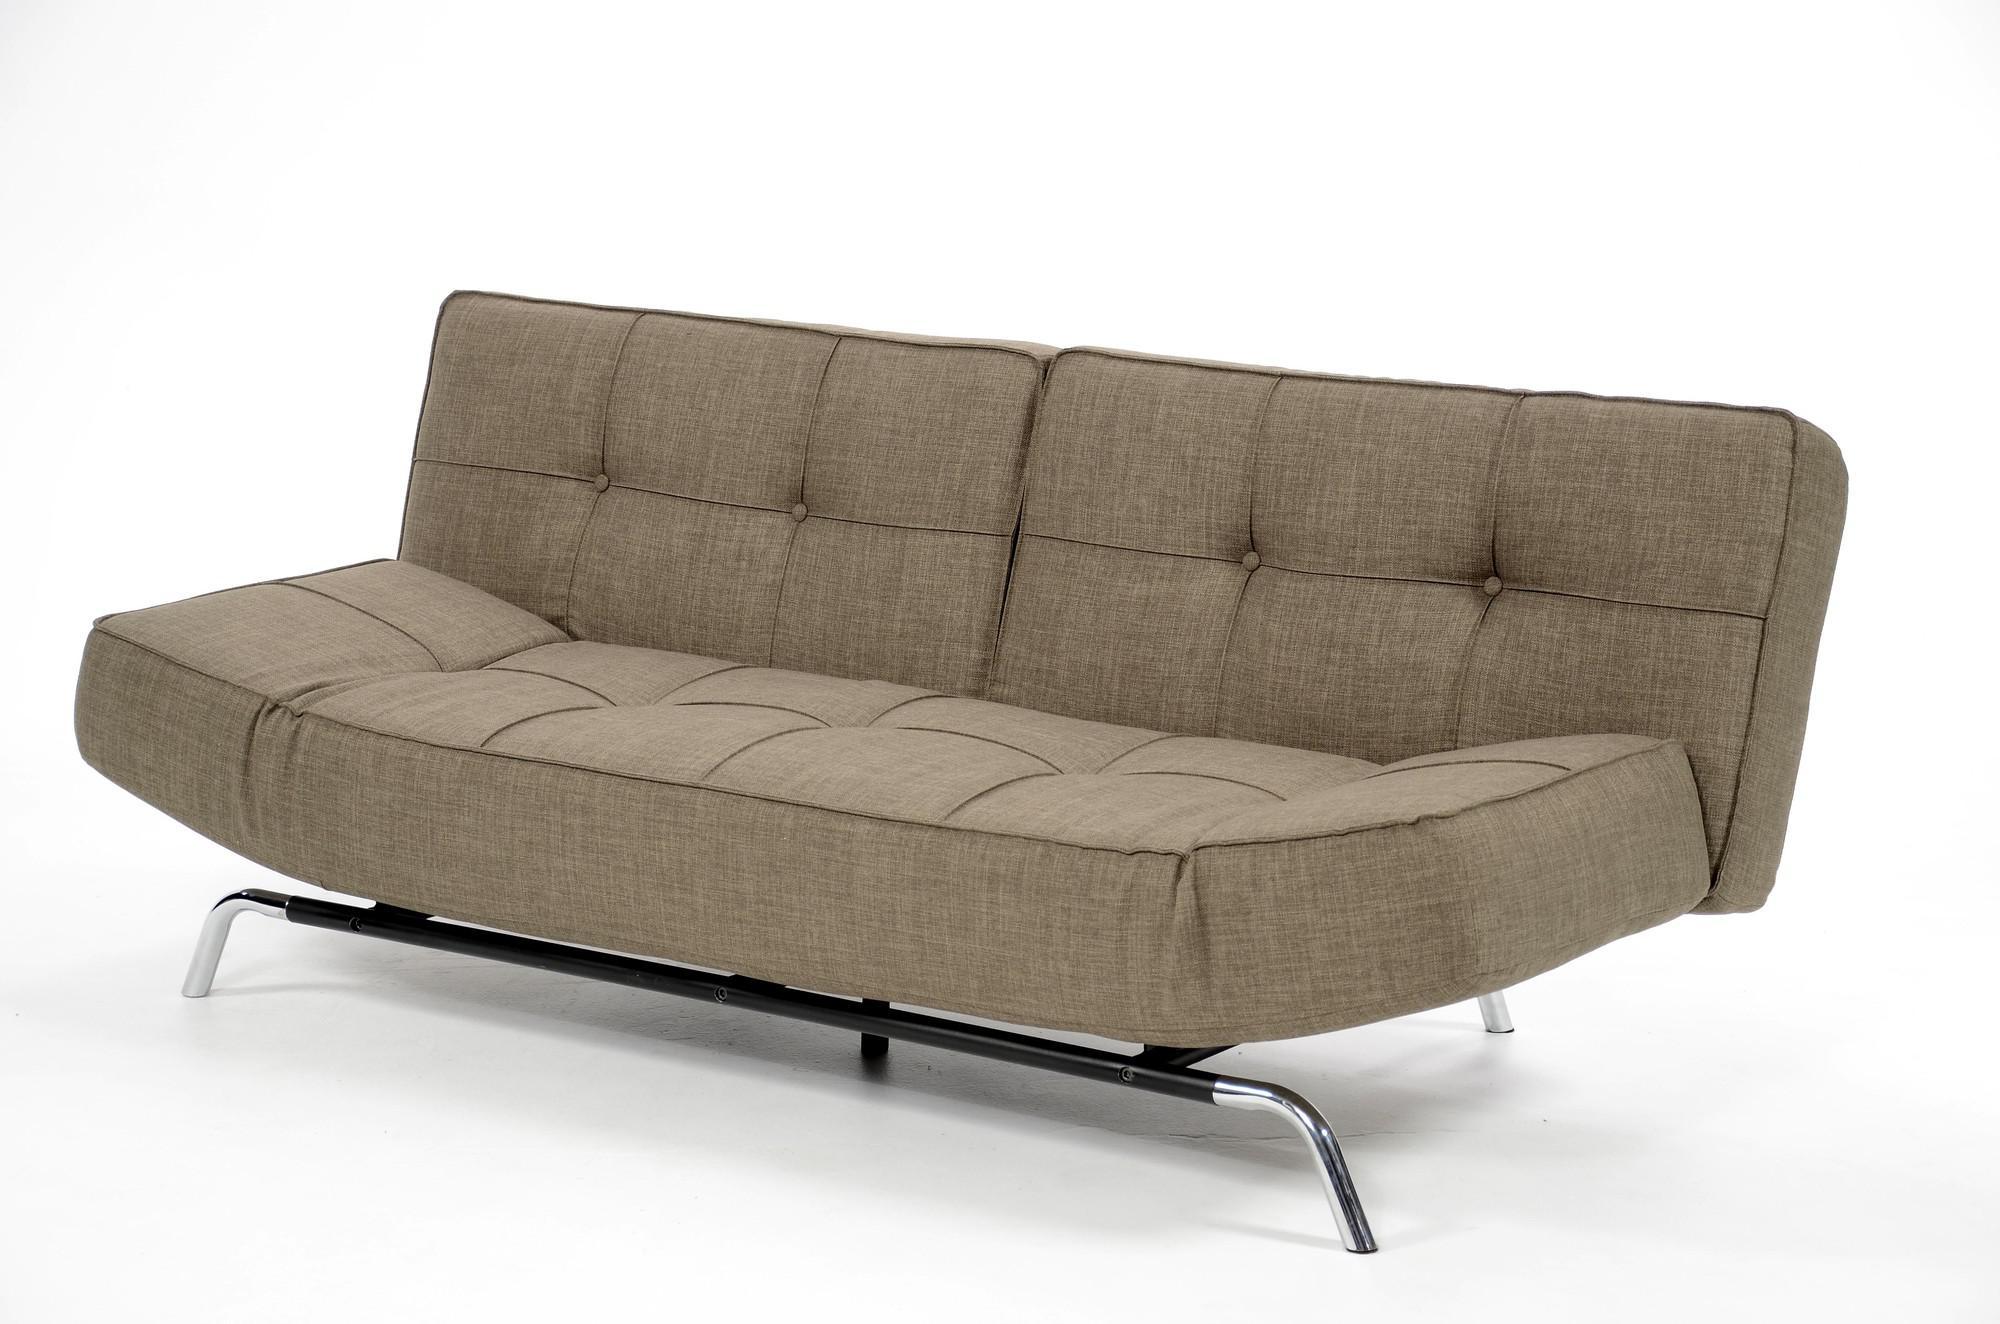 sofa und bett in einem gallery of couch bett frisch fresh sofa set scheme bedroom ideas. Black Bedroom Furniture Sets. Home Design Ideas